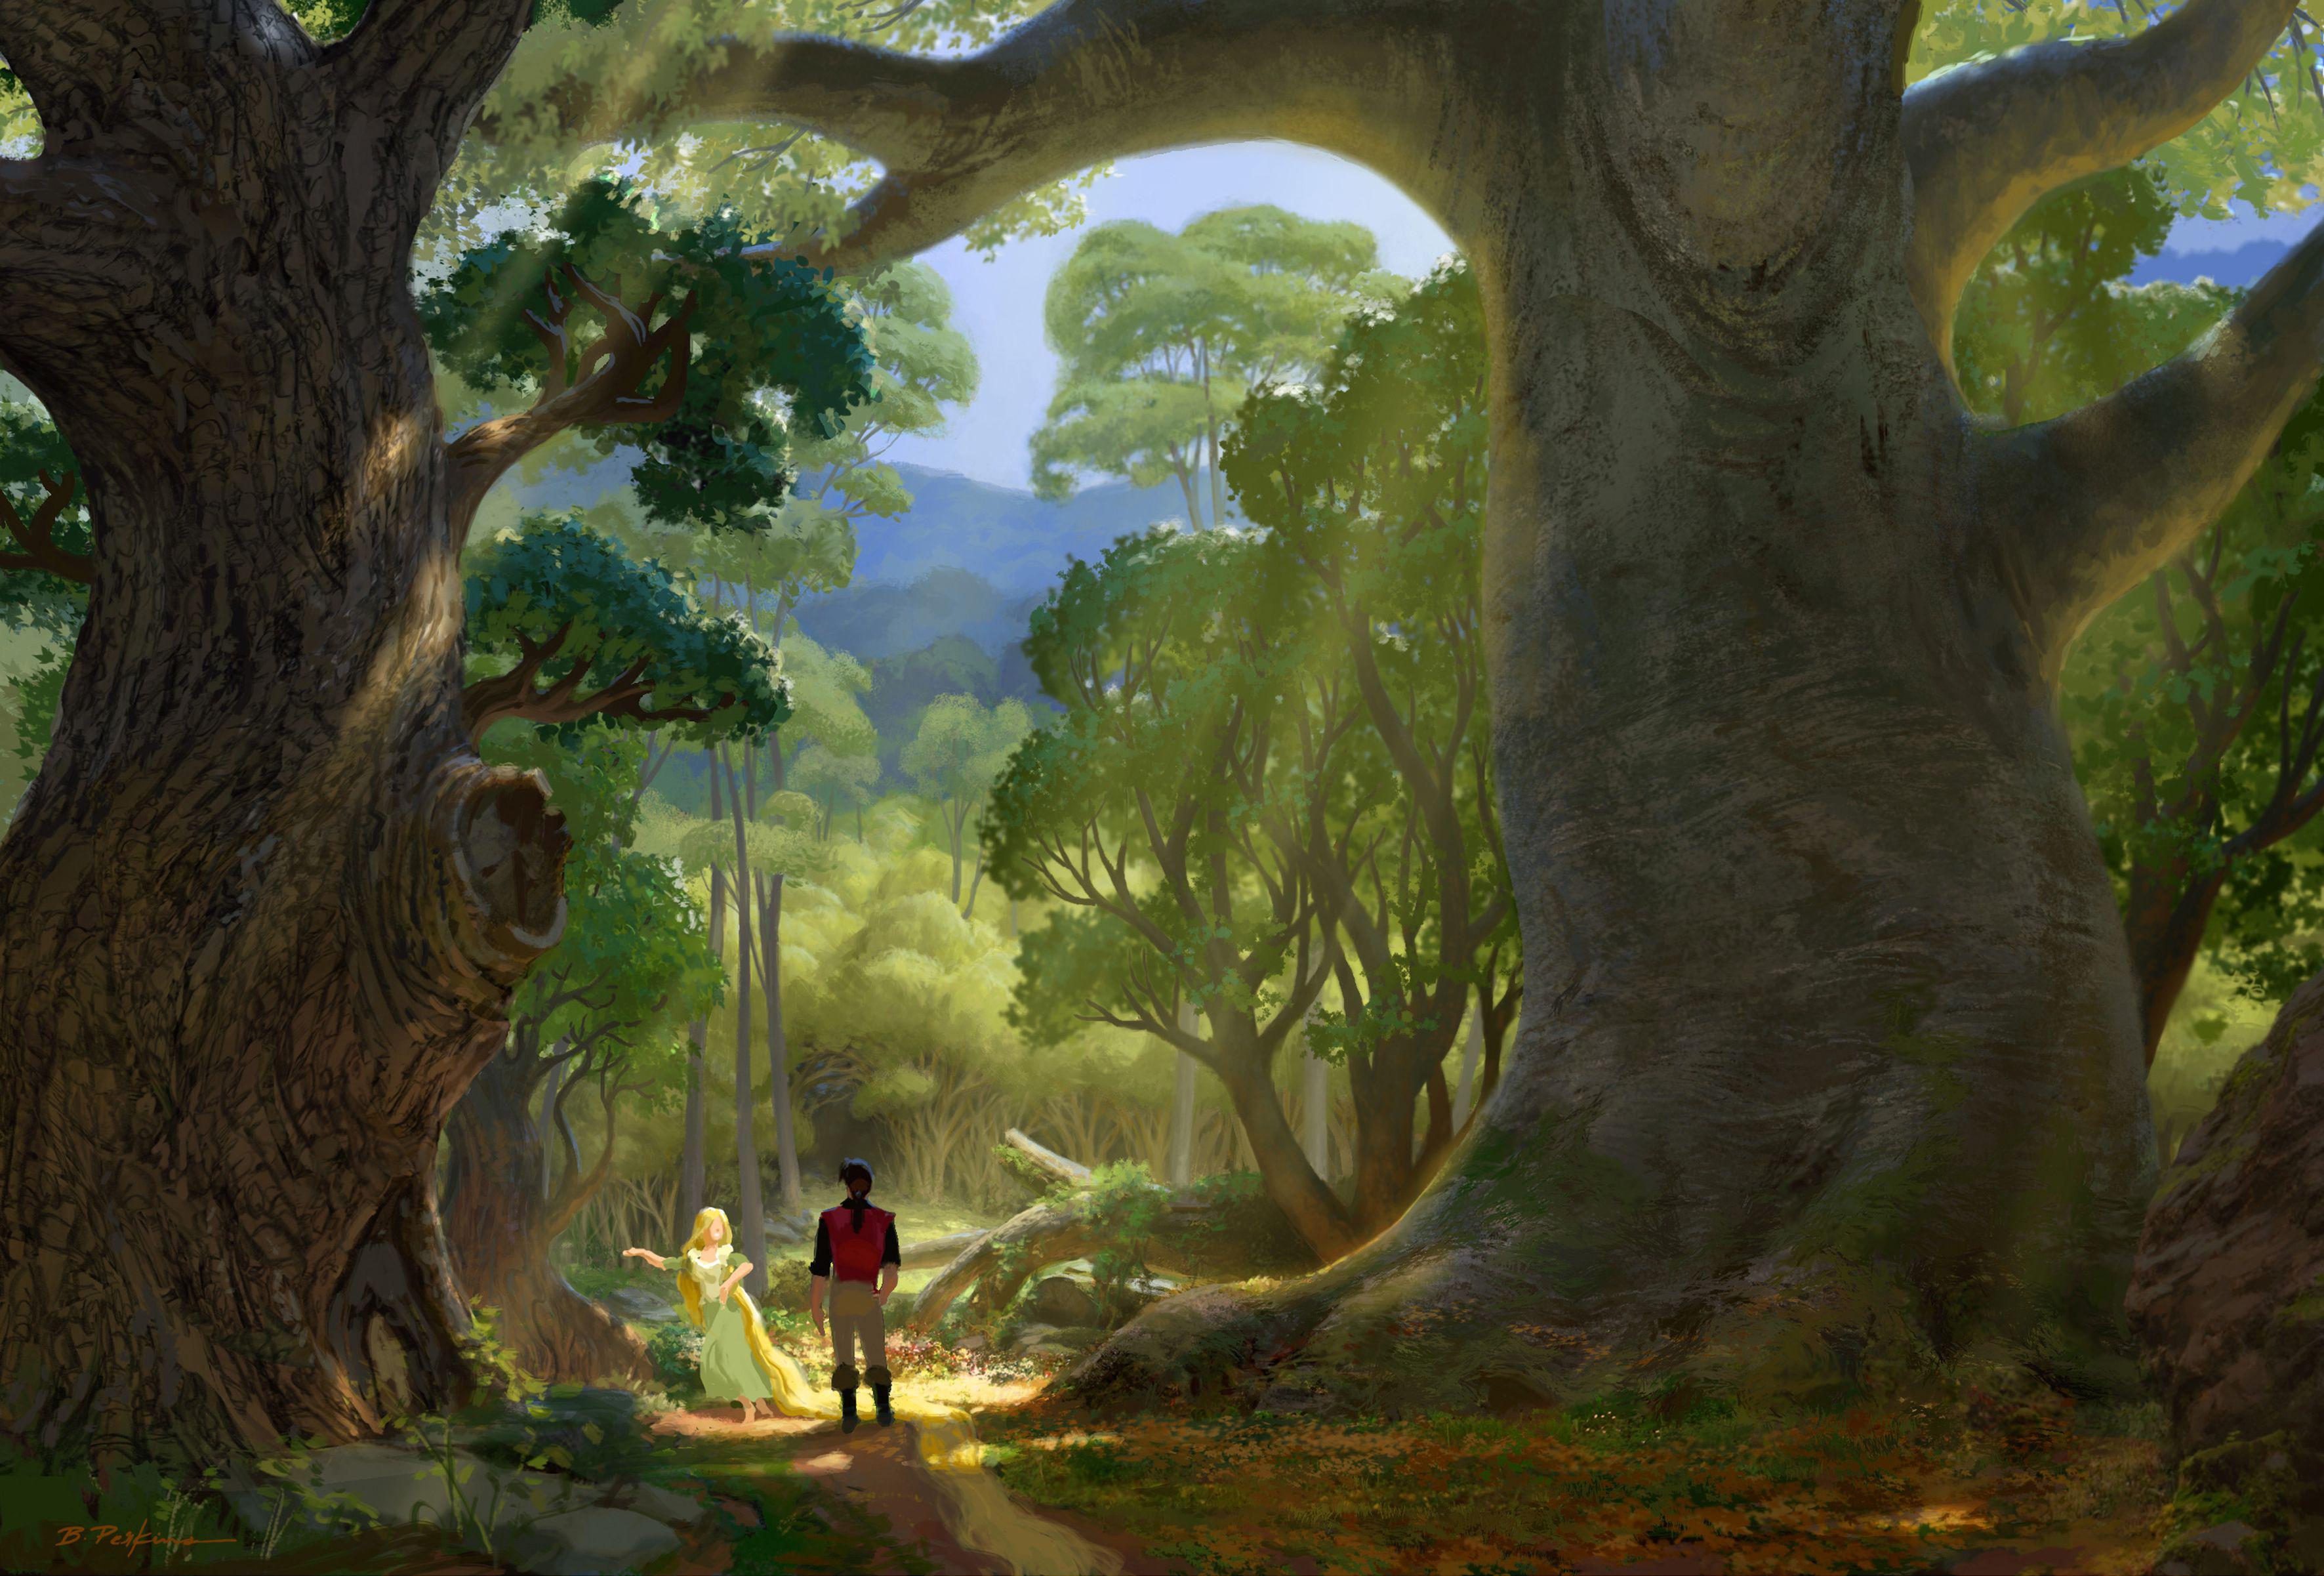 картинки деревьев из сказочного леса важнее